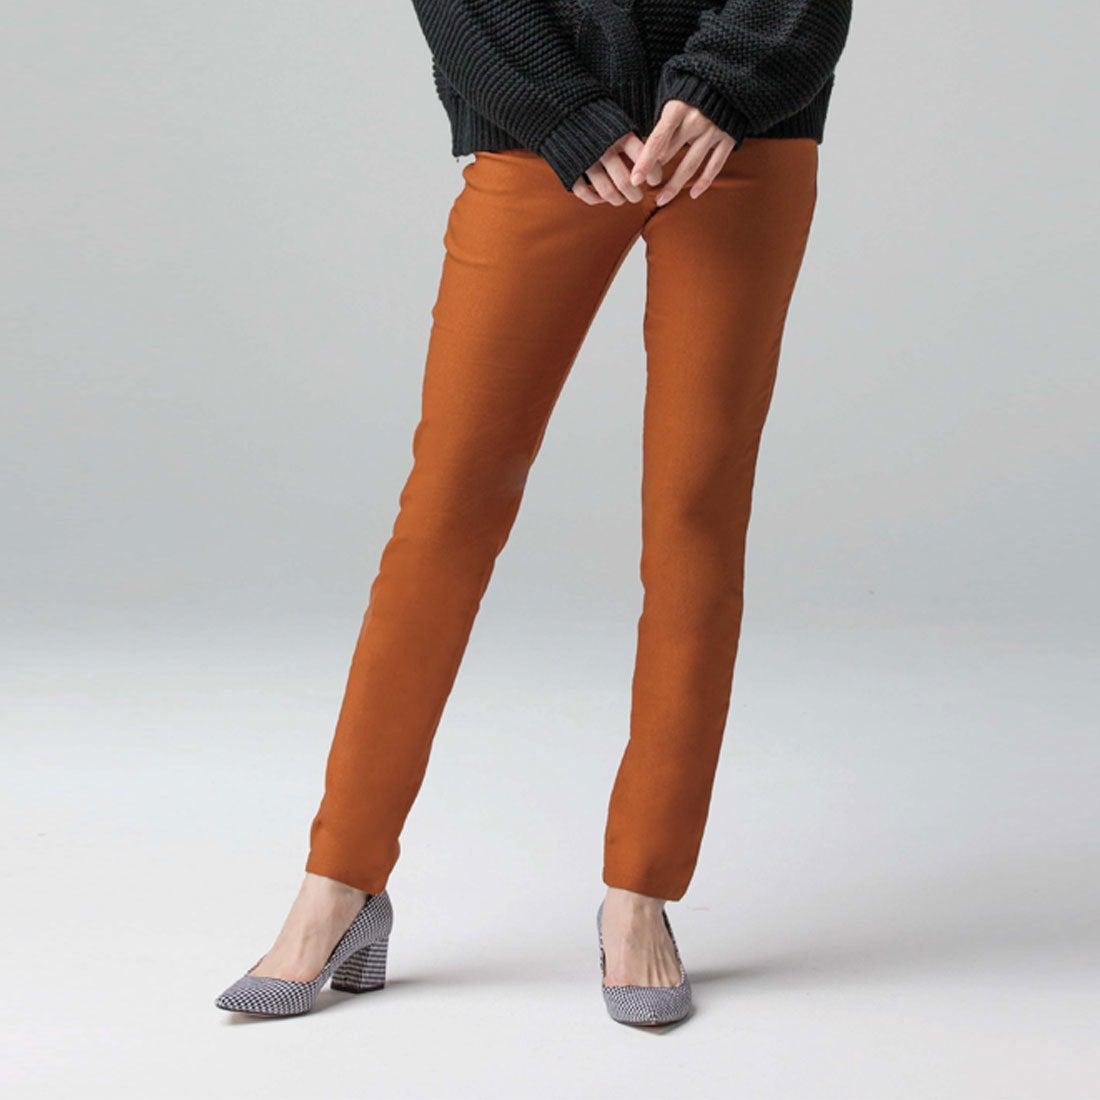 340d3df424acb3 GeeRA ジーラ バイ リュリュ GeeRa by RyuRyu ポカポカ蓄熱機能付!極暖!裏起毛スキニー (テラコッタ) -靴&ファッション通販  ロコンド〜自宅で試着、気軽に返品